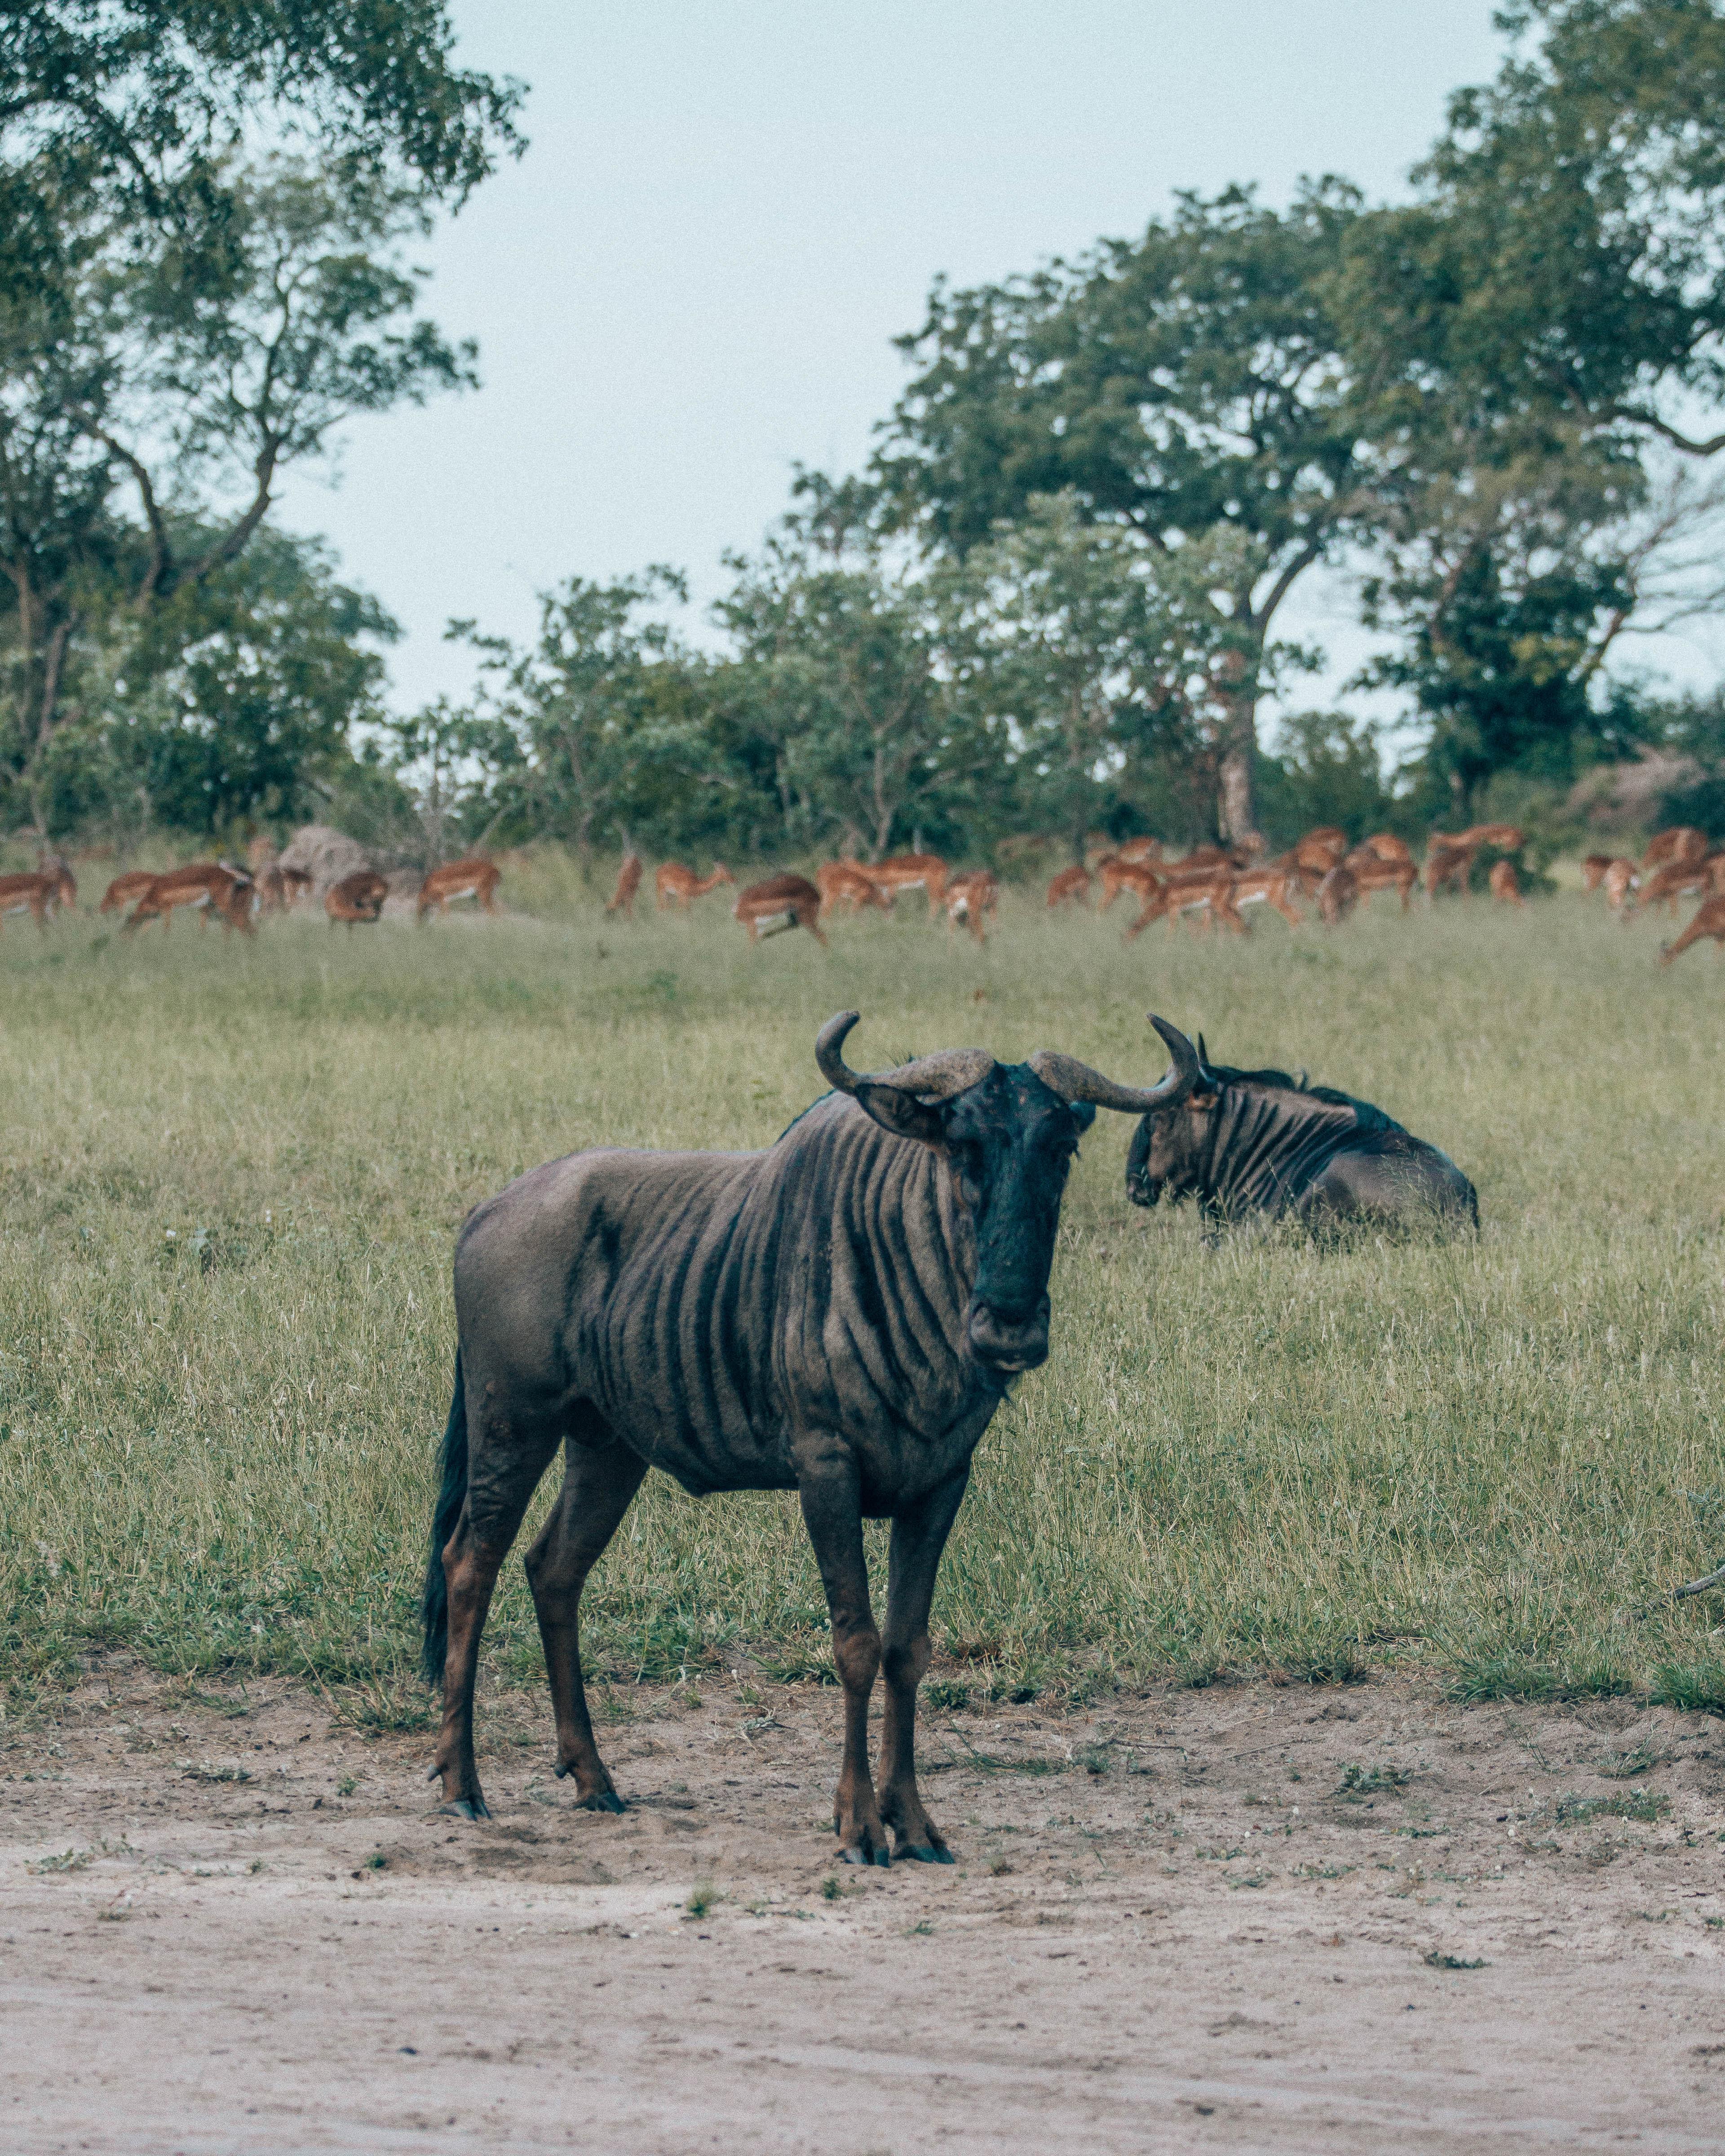 Solo wildebeest.